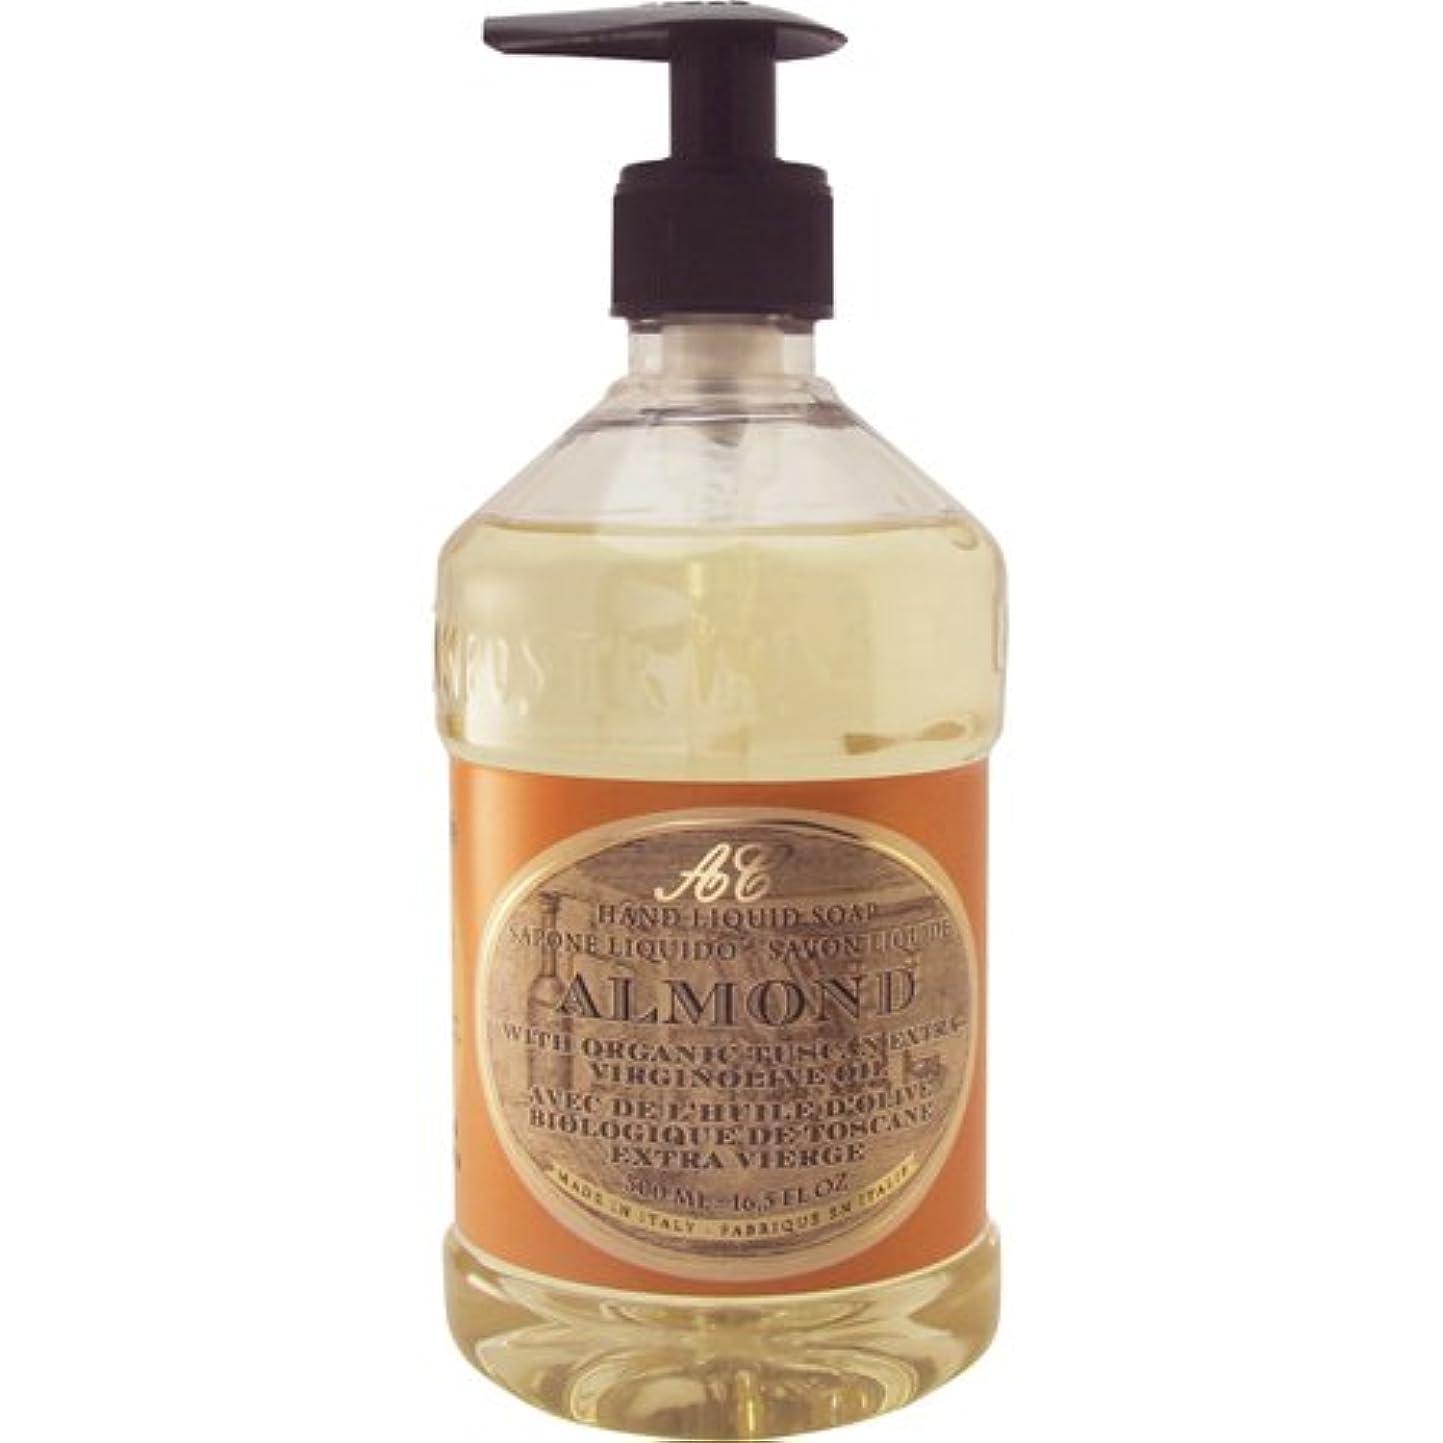 Saponerire Fissi レトロシリーズ Liquid Soap リキッドソープ 500ml Almond アーモンドオイル